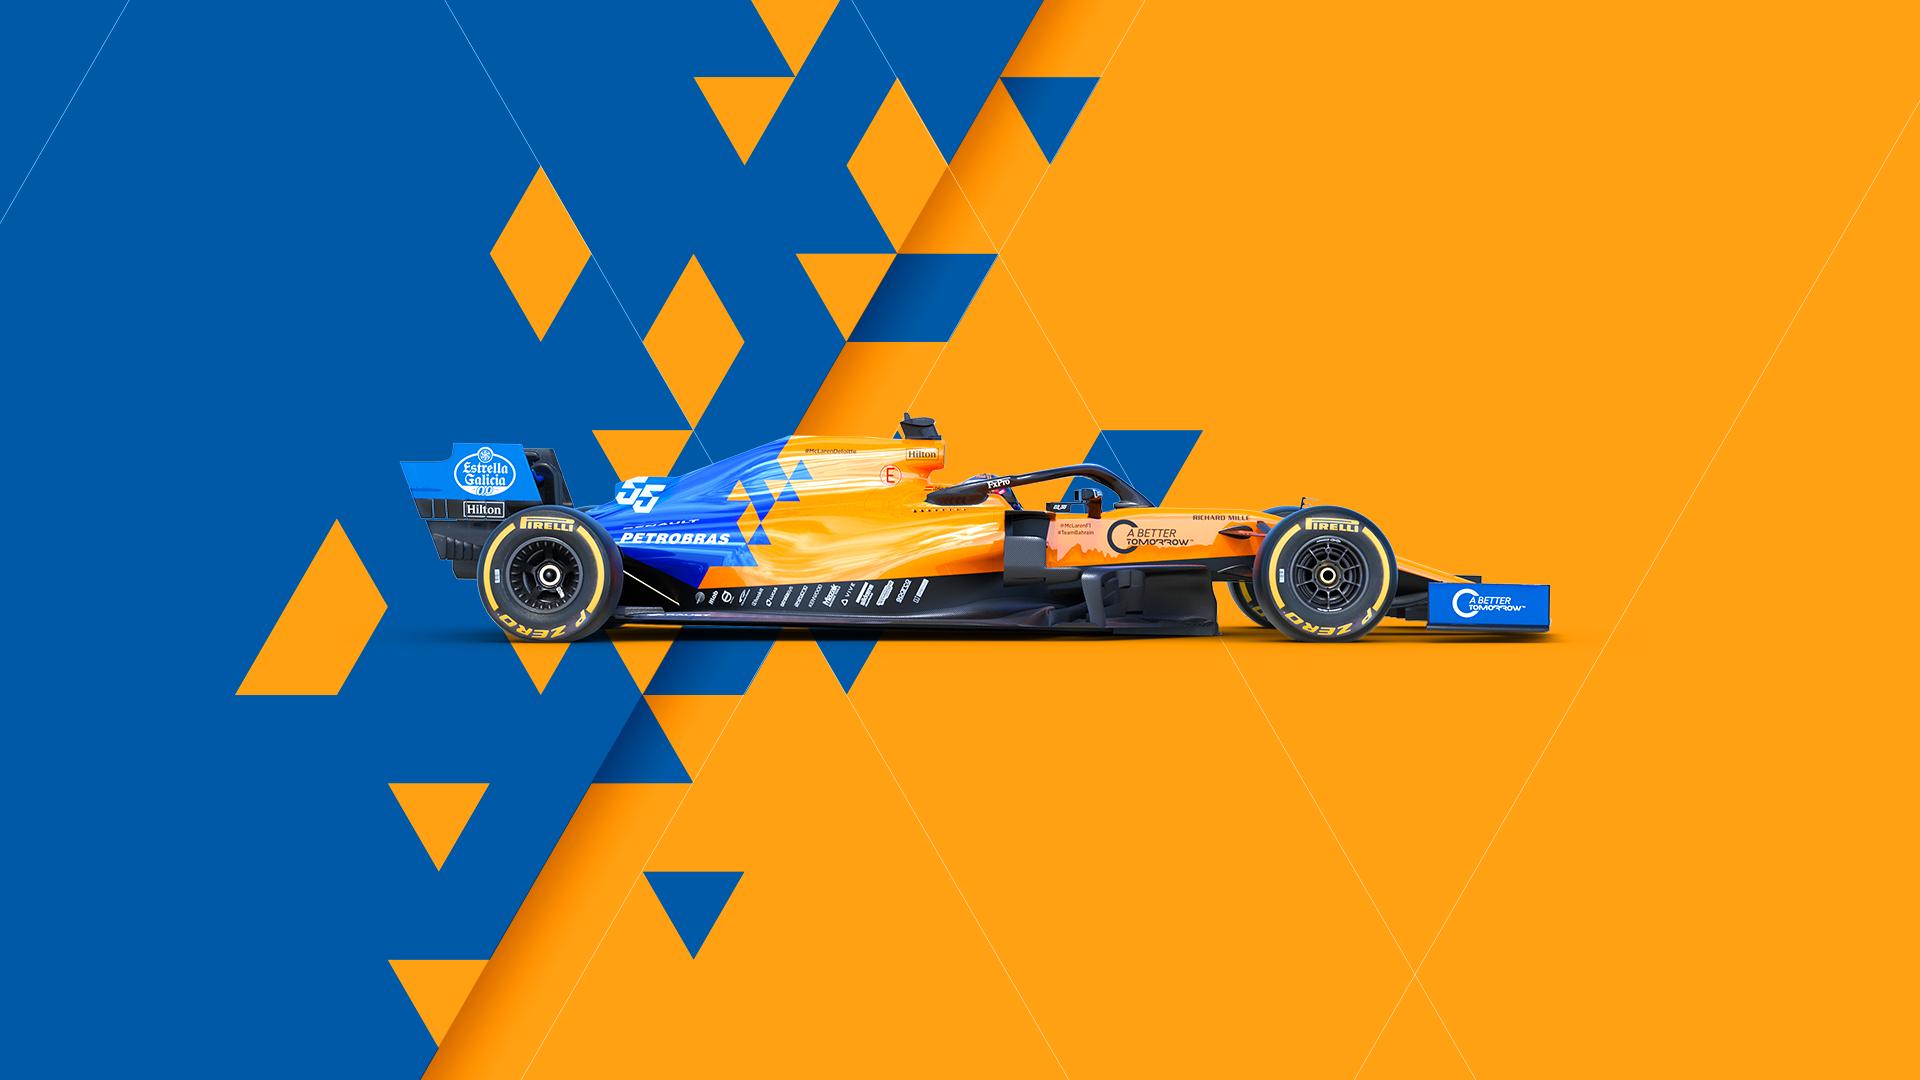 McLaren Racing Official Website 1920x1080